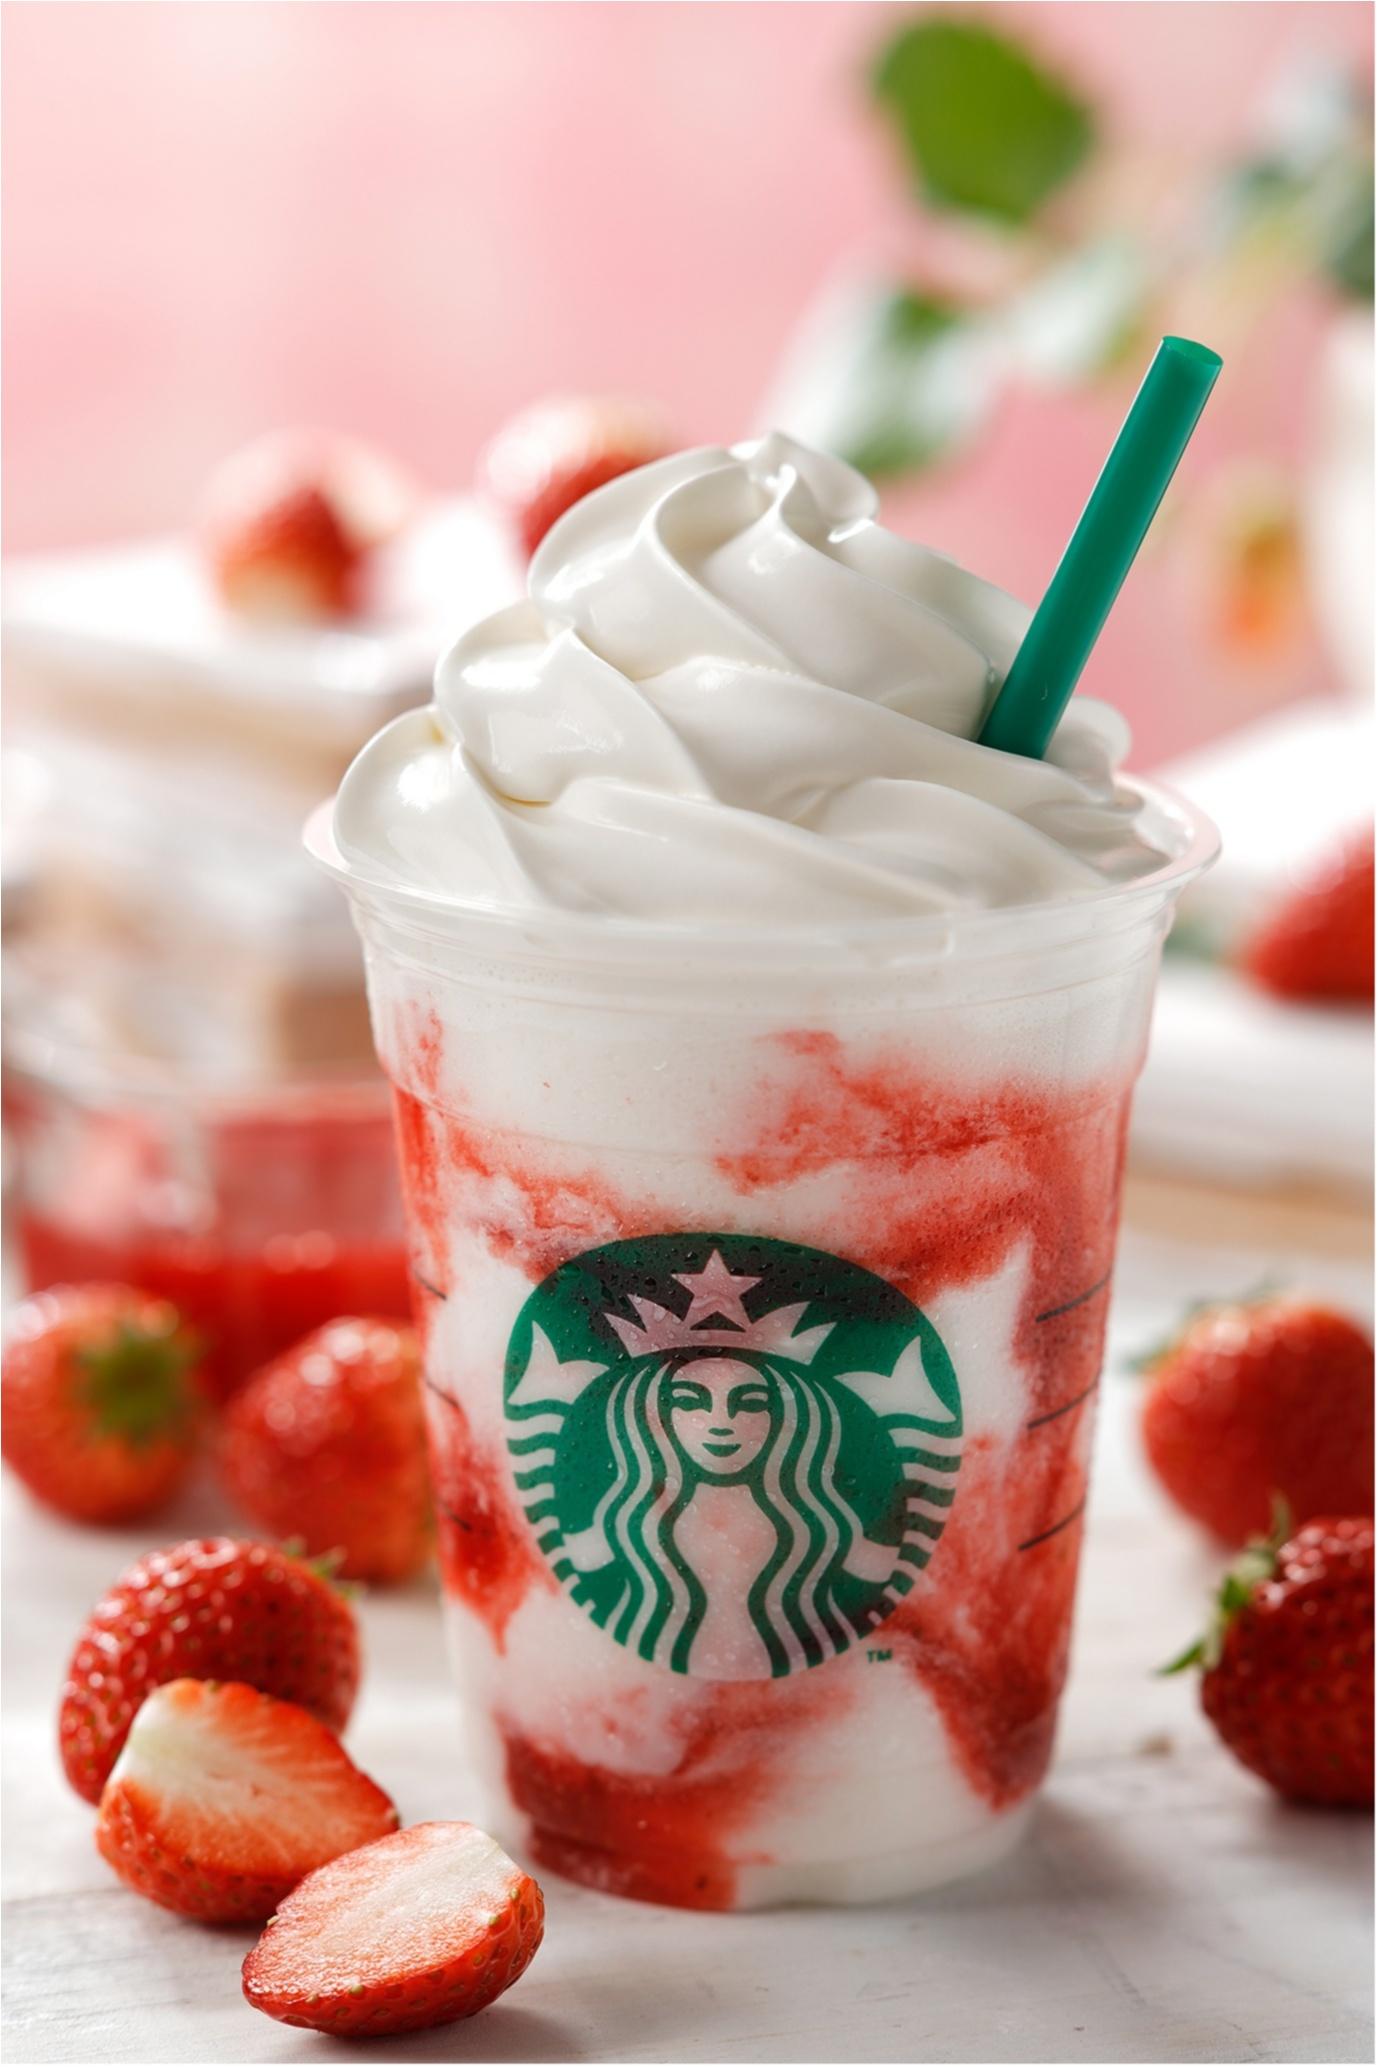 『スターバックス』『クリスピー・クリーム・ドーナツ』のひんやりドリンク、みんな飲みたがってる♡ 今週のライフスタイル人気ランキングトップ3!_1_1